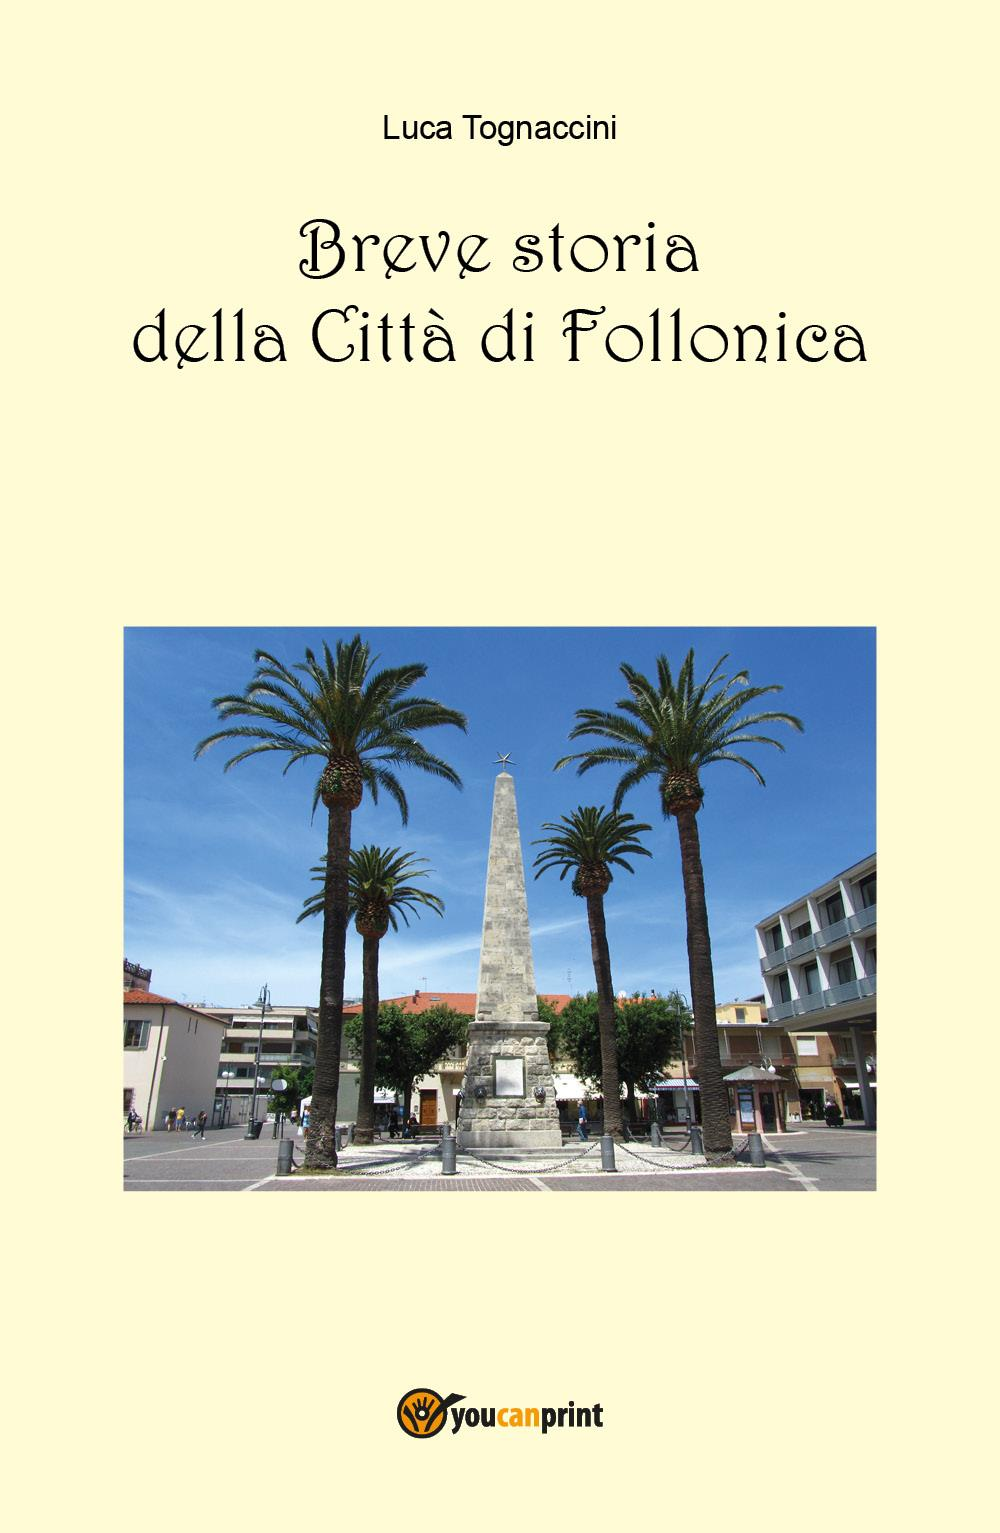 Breve Storia della Città di Follonica